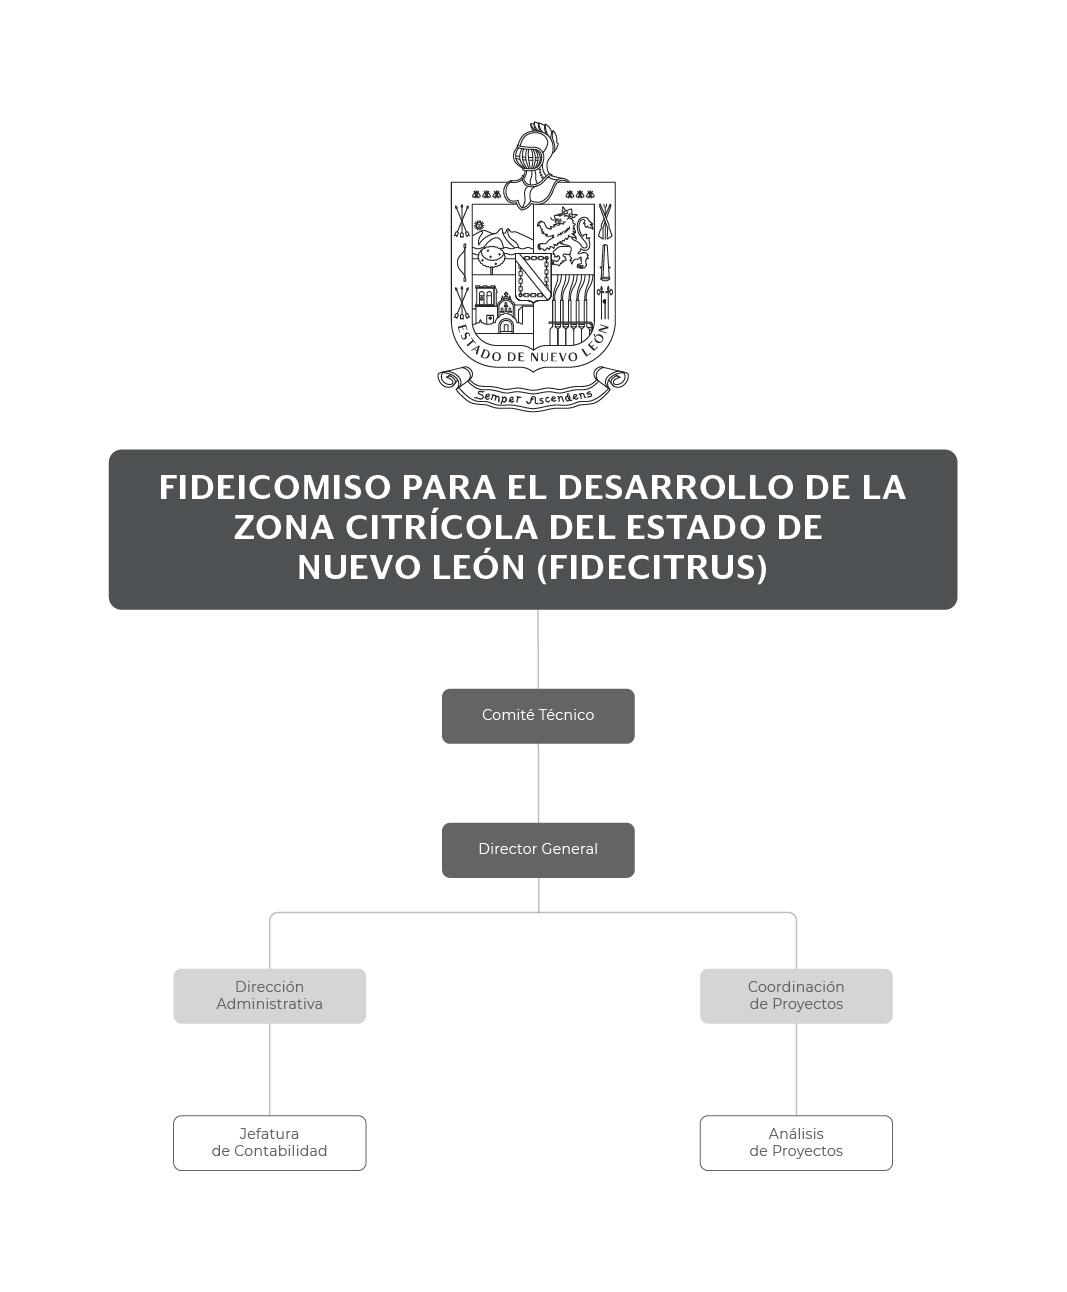 Organigrama del Fideicomiso para el Desarrollo de la Zona Citrícola del Estado de Nuevo León